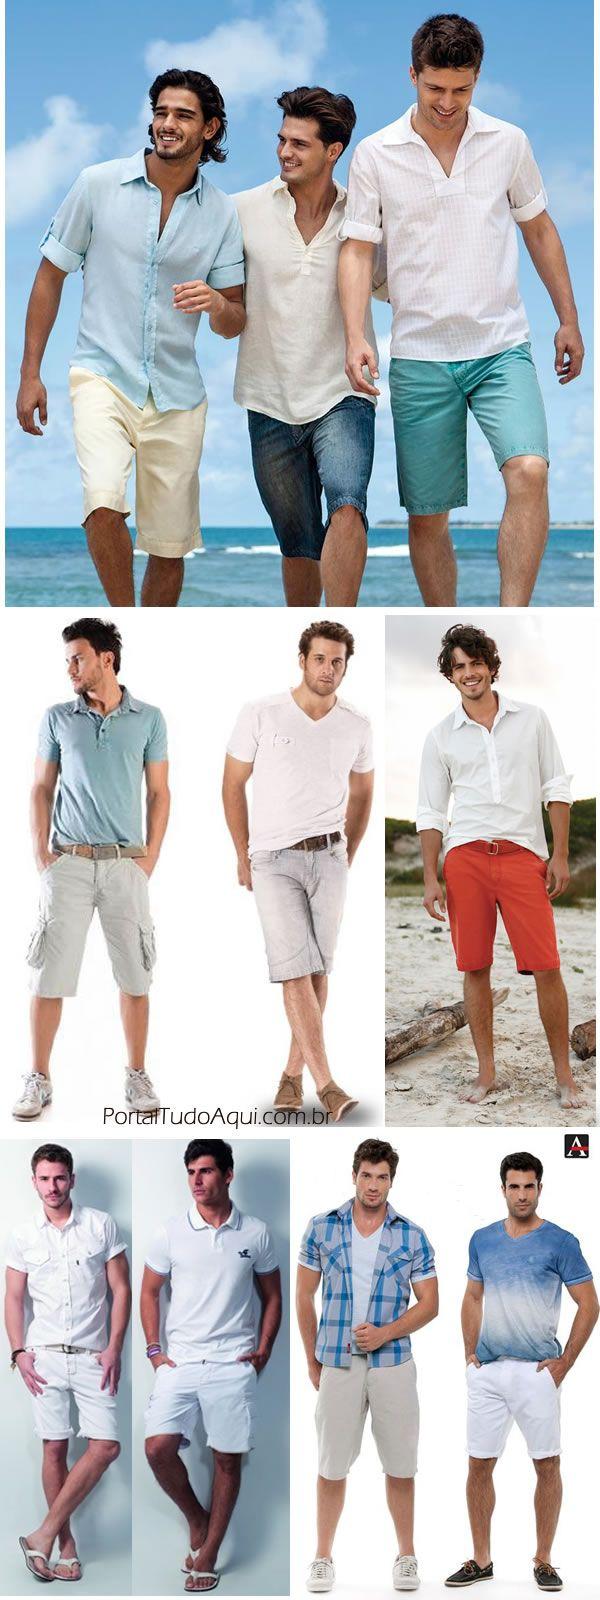 Tons claros e roupas leves sempre resultam em uma excelente combinação quando se trata de Carnaval. <3